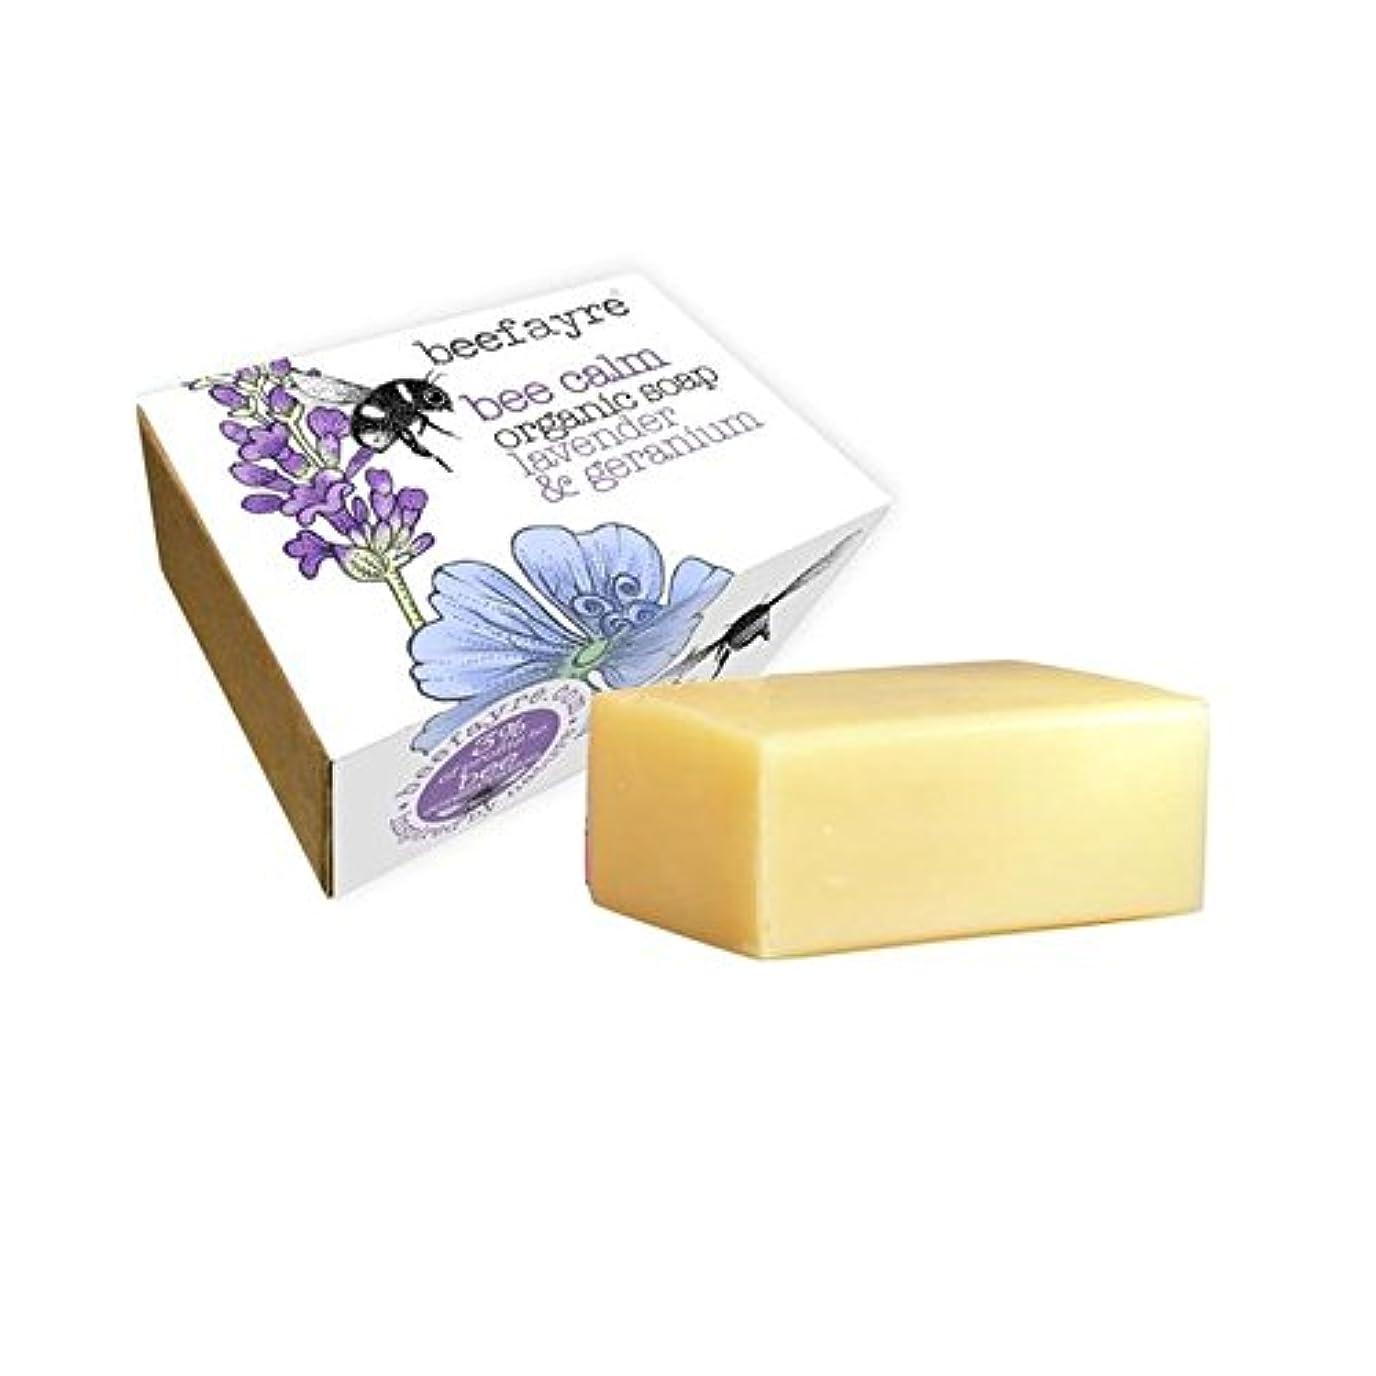 虎福祉邪魔するBeefayre Organic Geranium & Lavender Soap - 有機ゼラニウム&ラベンダー石鹸 [並行輸入品]